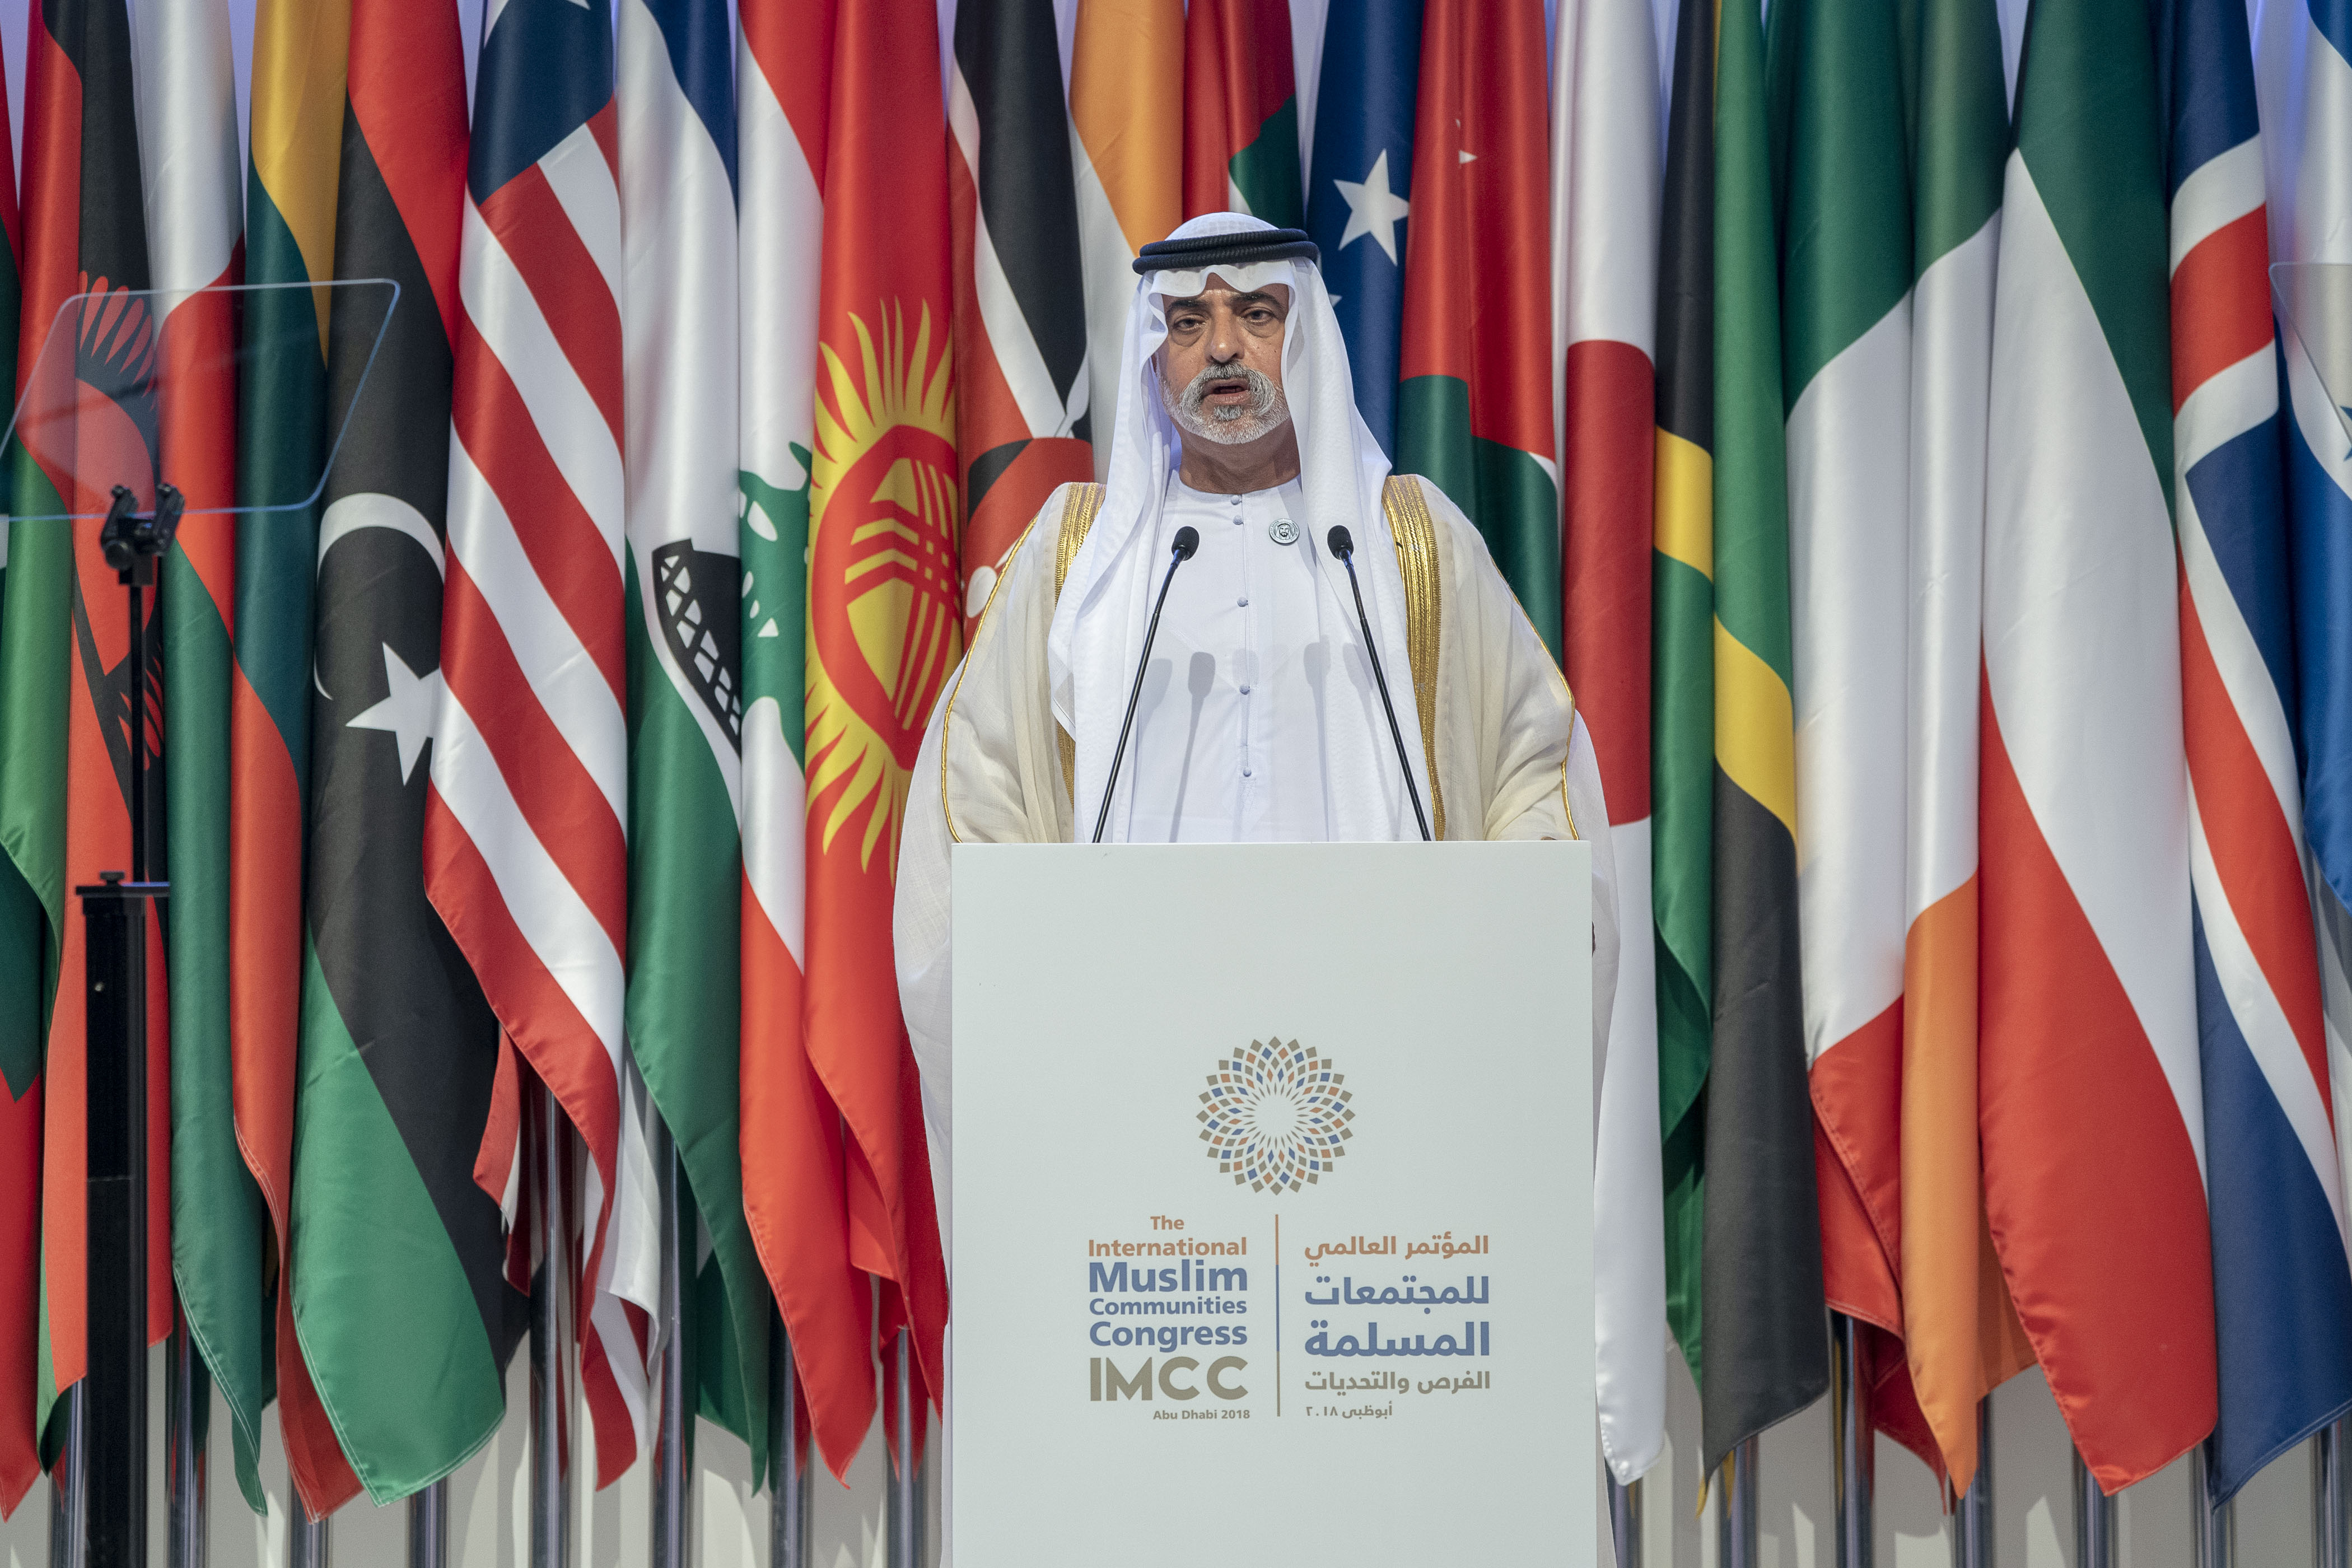 المؤتمر السنوي الثاني للمجلس العالمي للمجتمعات المسلمة